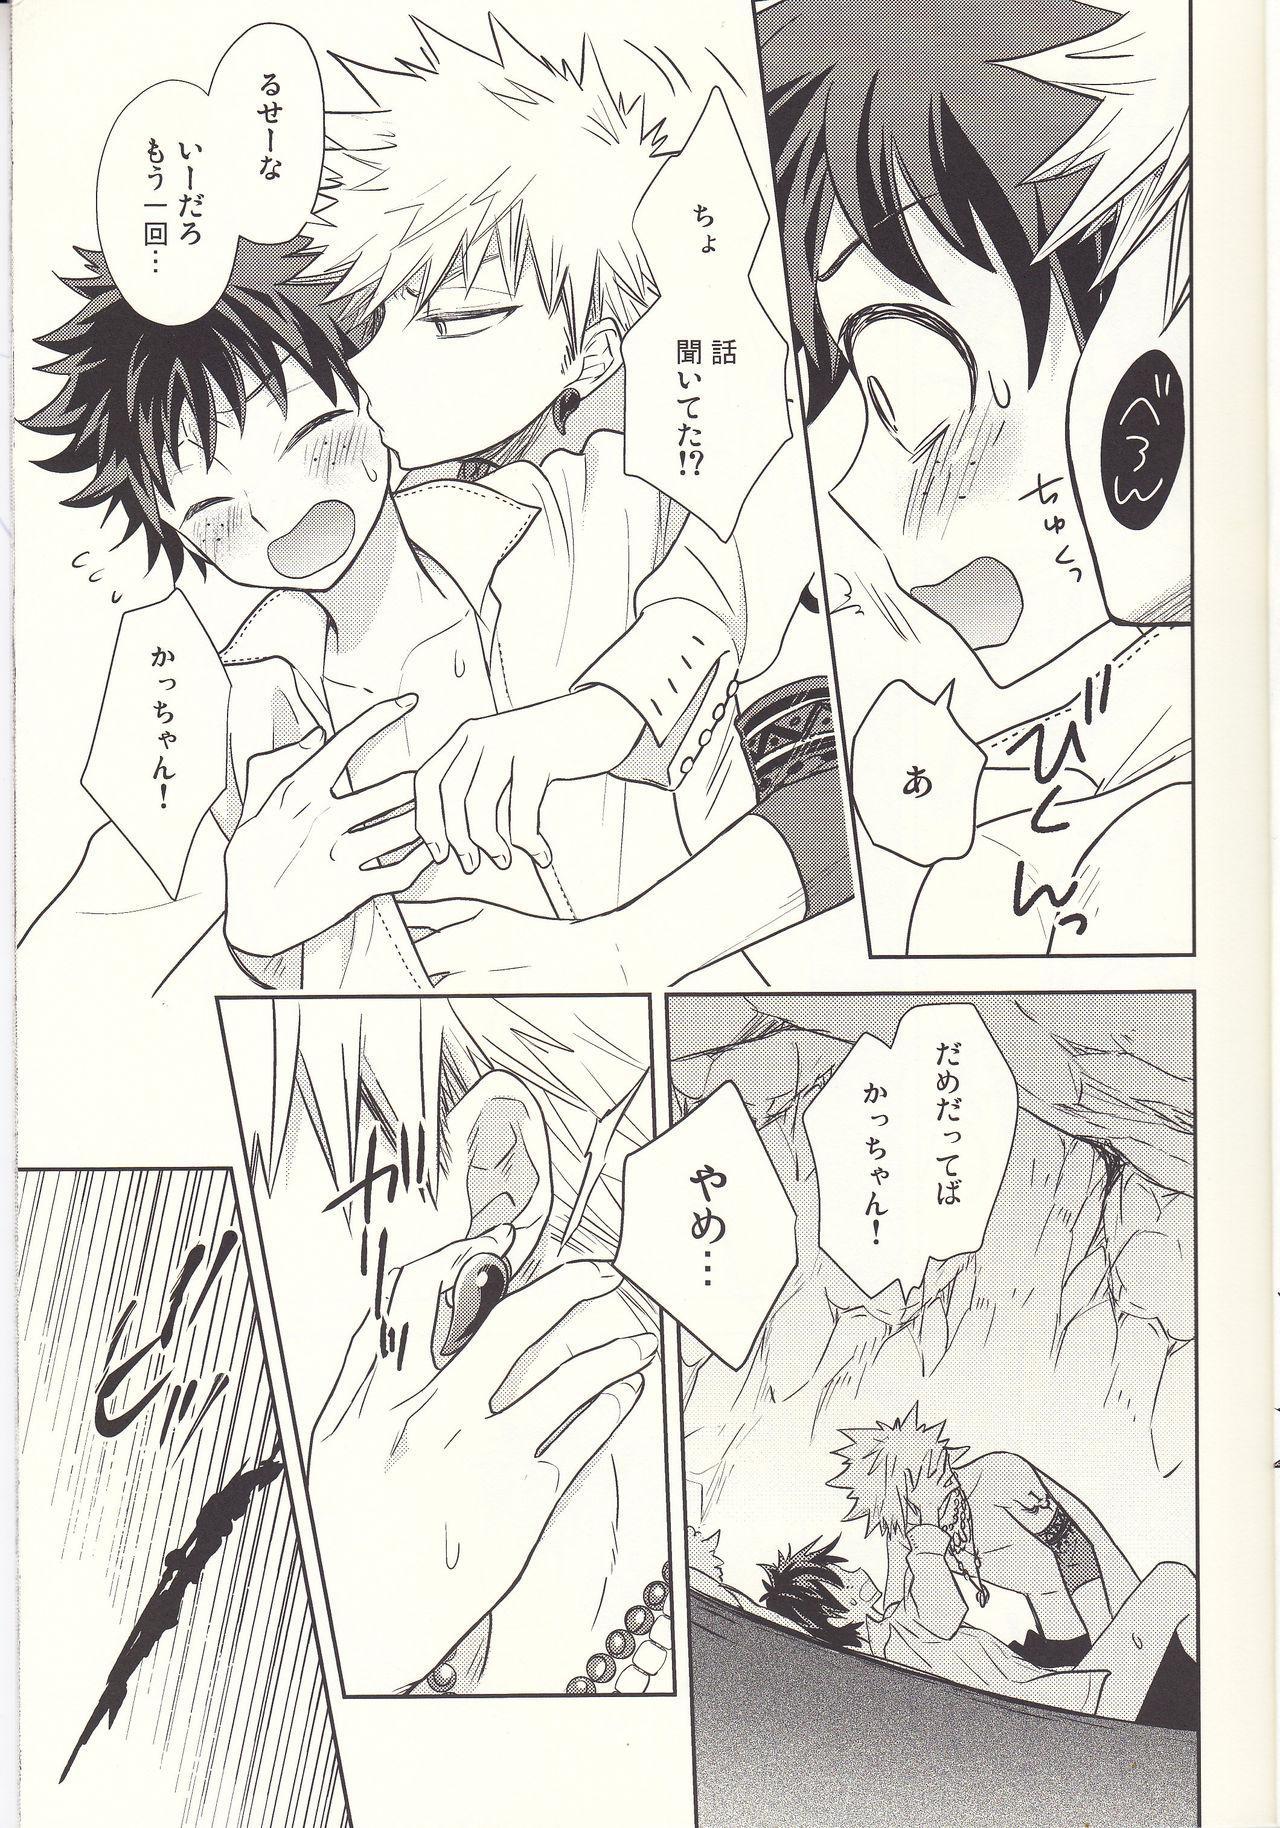 Akatsuki no Agito 5